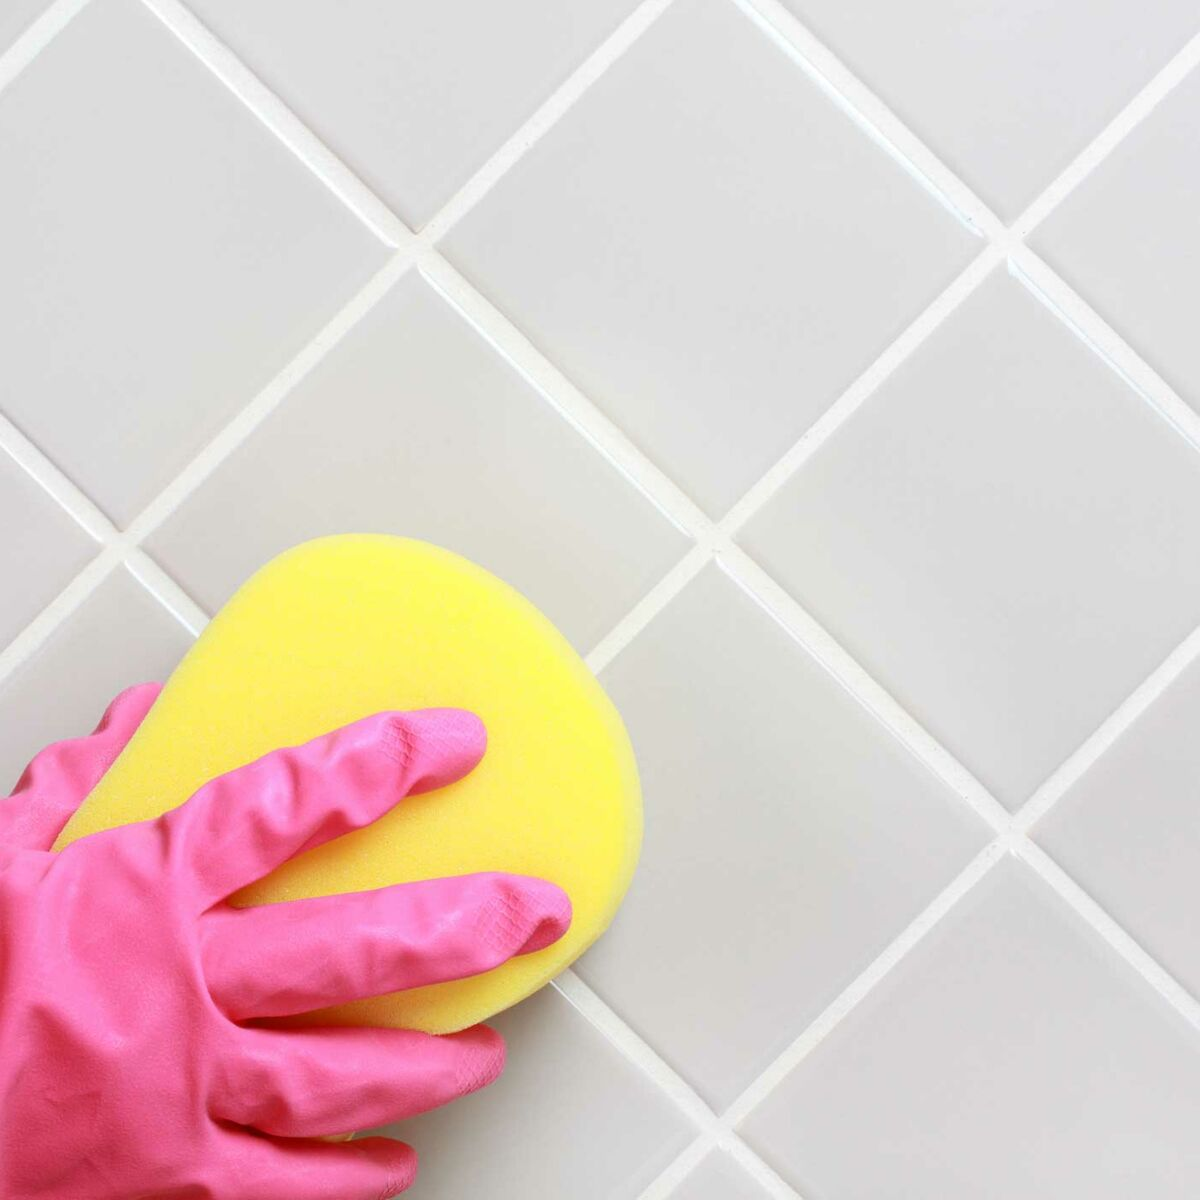 Astuce Pour Joint De Carrelage 7 astuces pour nettoyer les joints de carrelage : femme